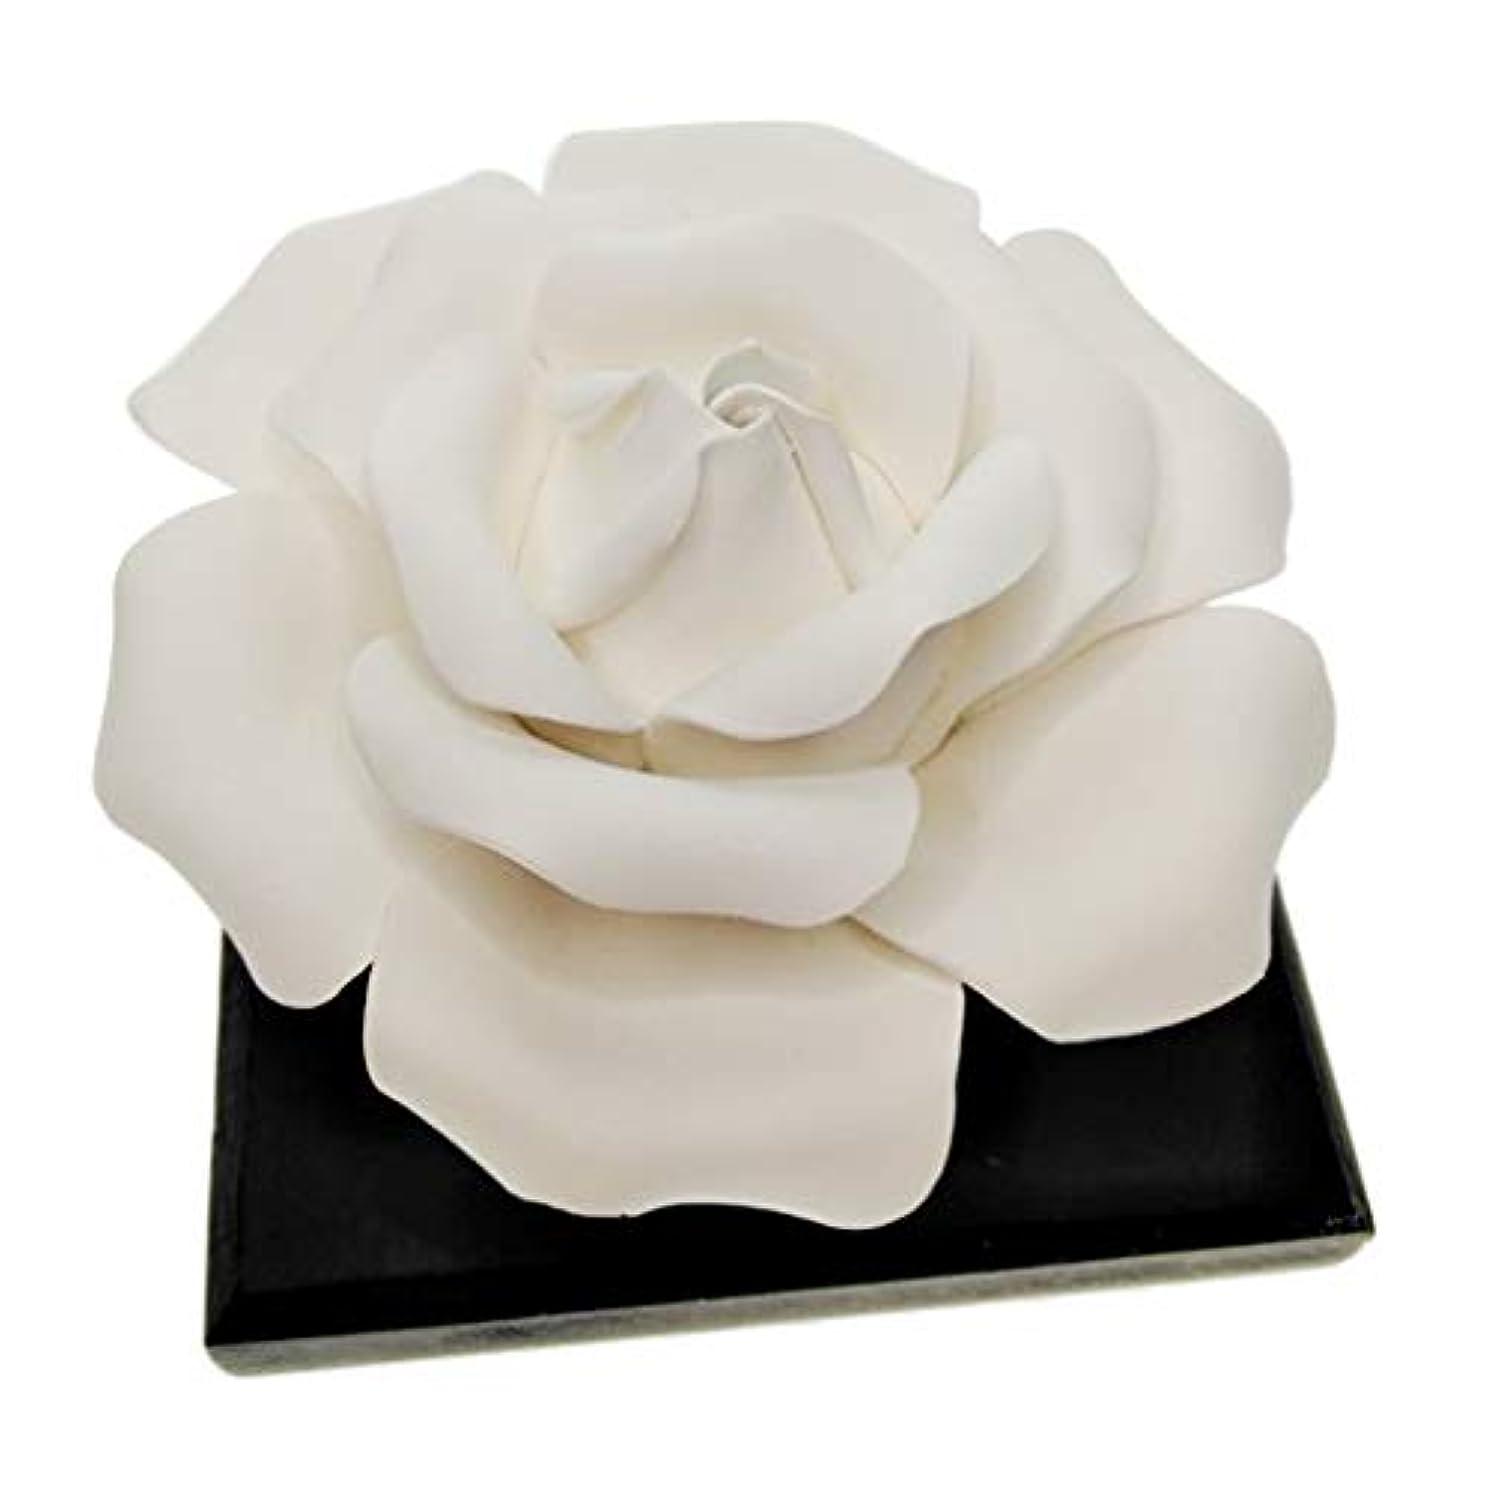 祭りブル追放するP Prettyia ローズフラワー エッセンシャルオイル 香水 香りディフューザー 美しい 装飾品